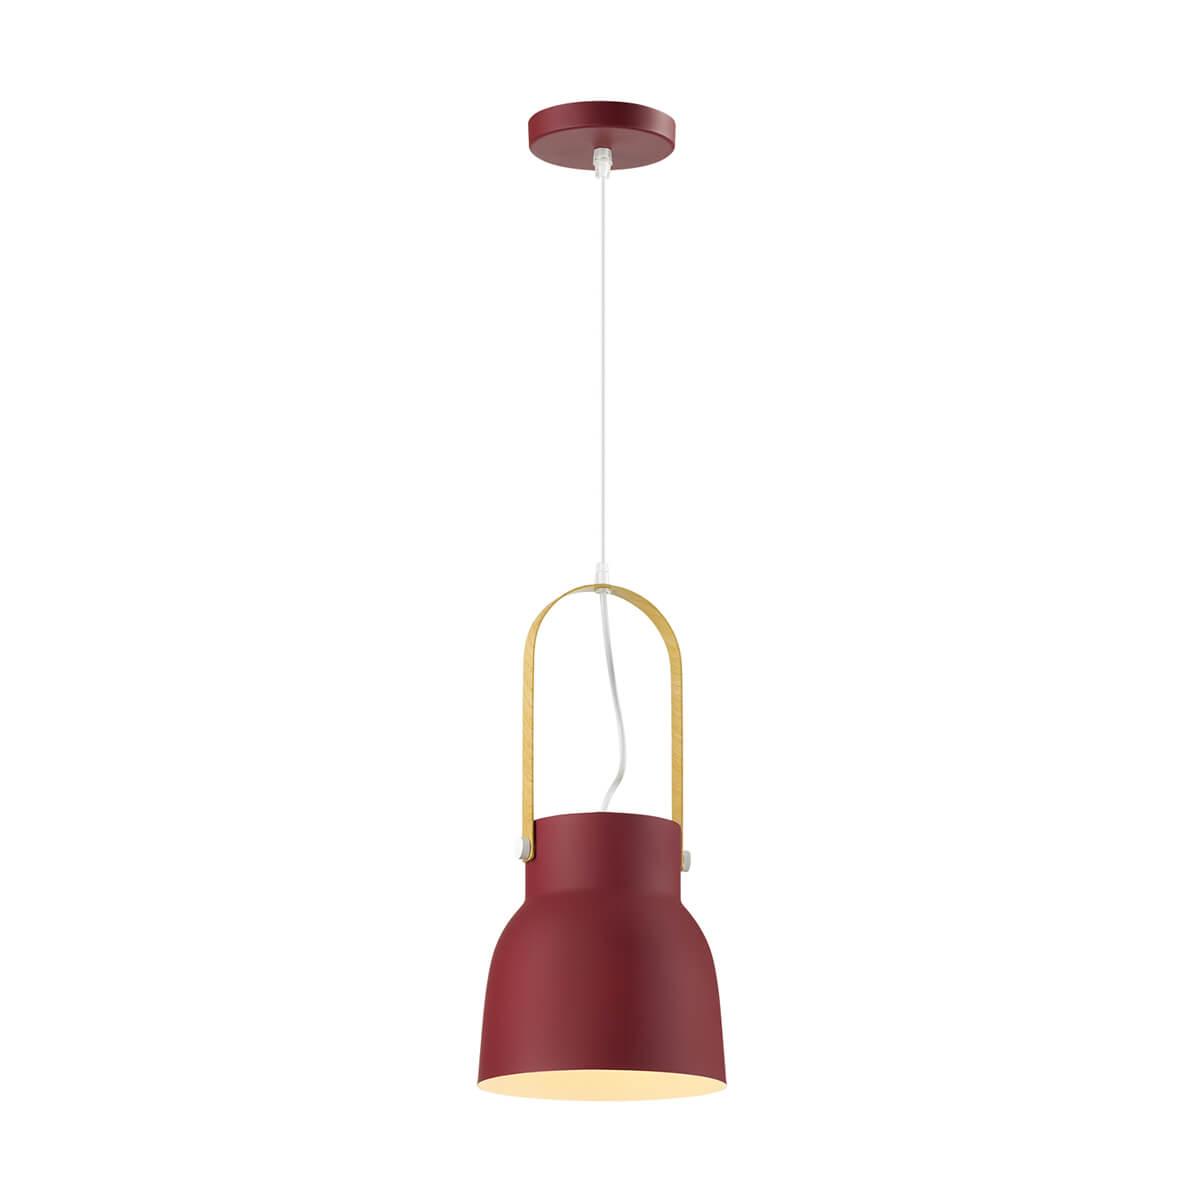 Подвесной светильник Lumion Ruby 3794/1 стоимость